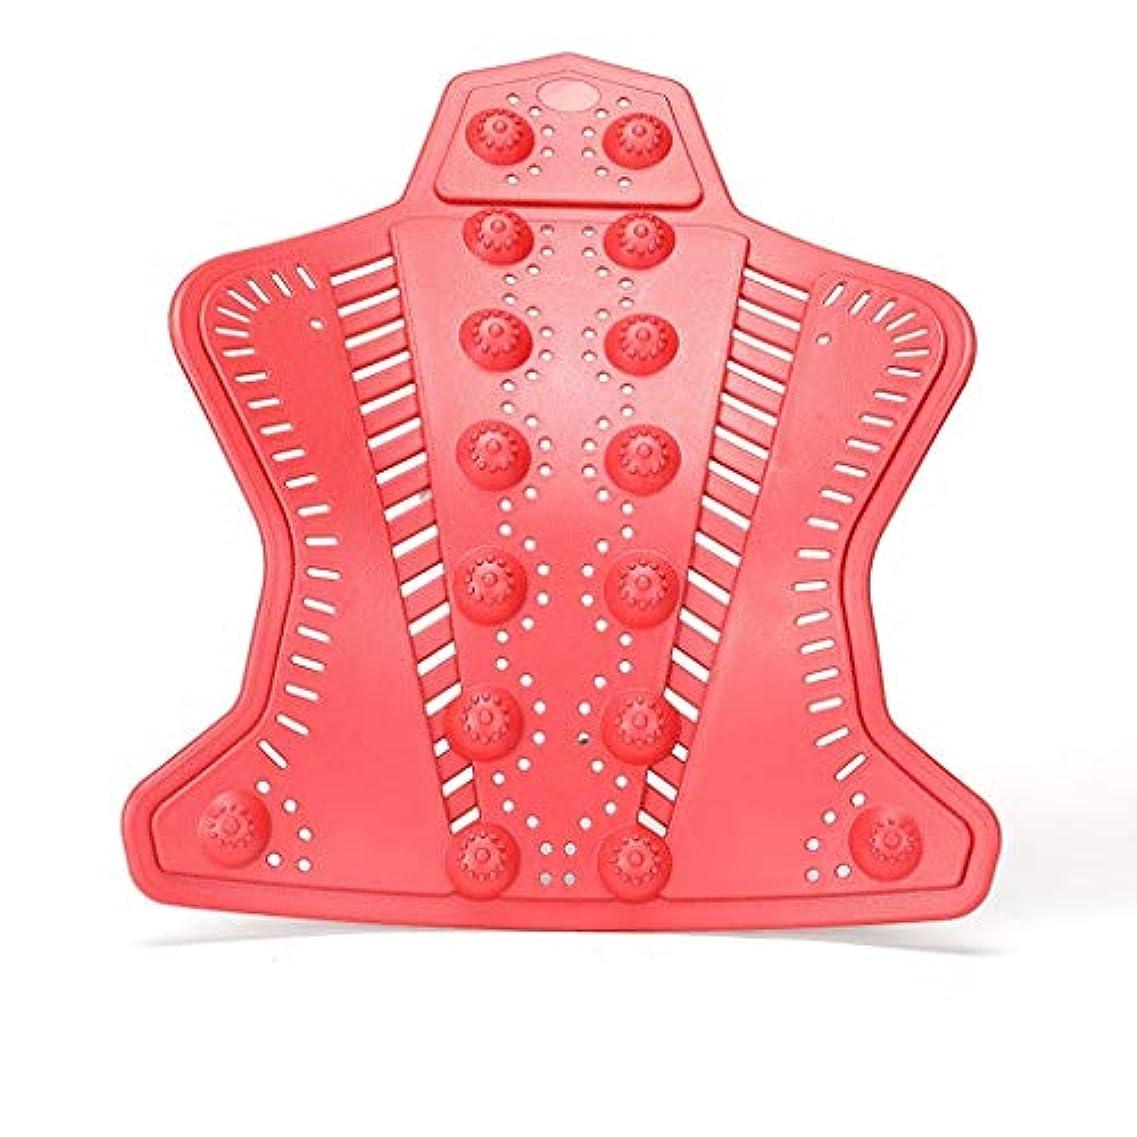 配管工暴露大通り背中のマッサージストレッチャーストレッチマジックウエストサポート首リラックス脊椎の痛み頚椎腰椎牽引ザトウクジラデバイス,Red